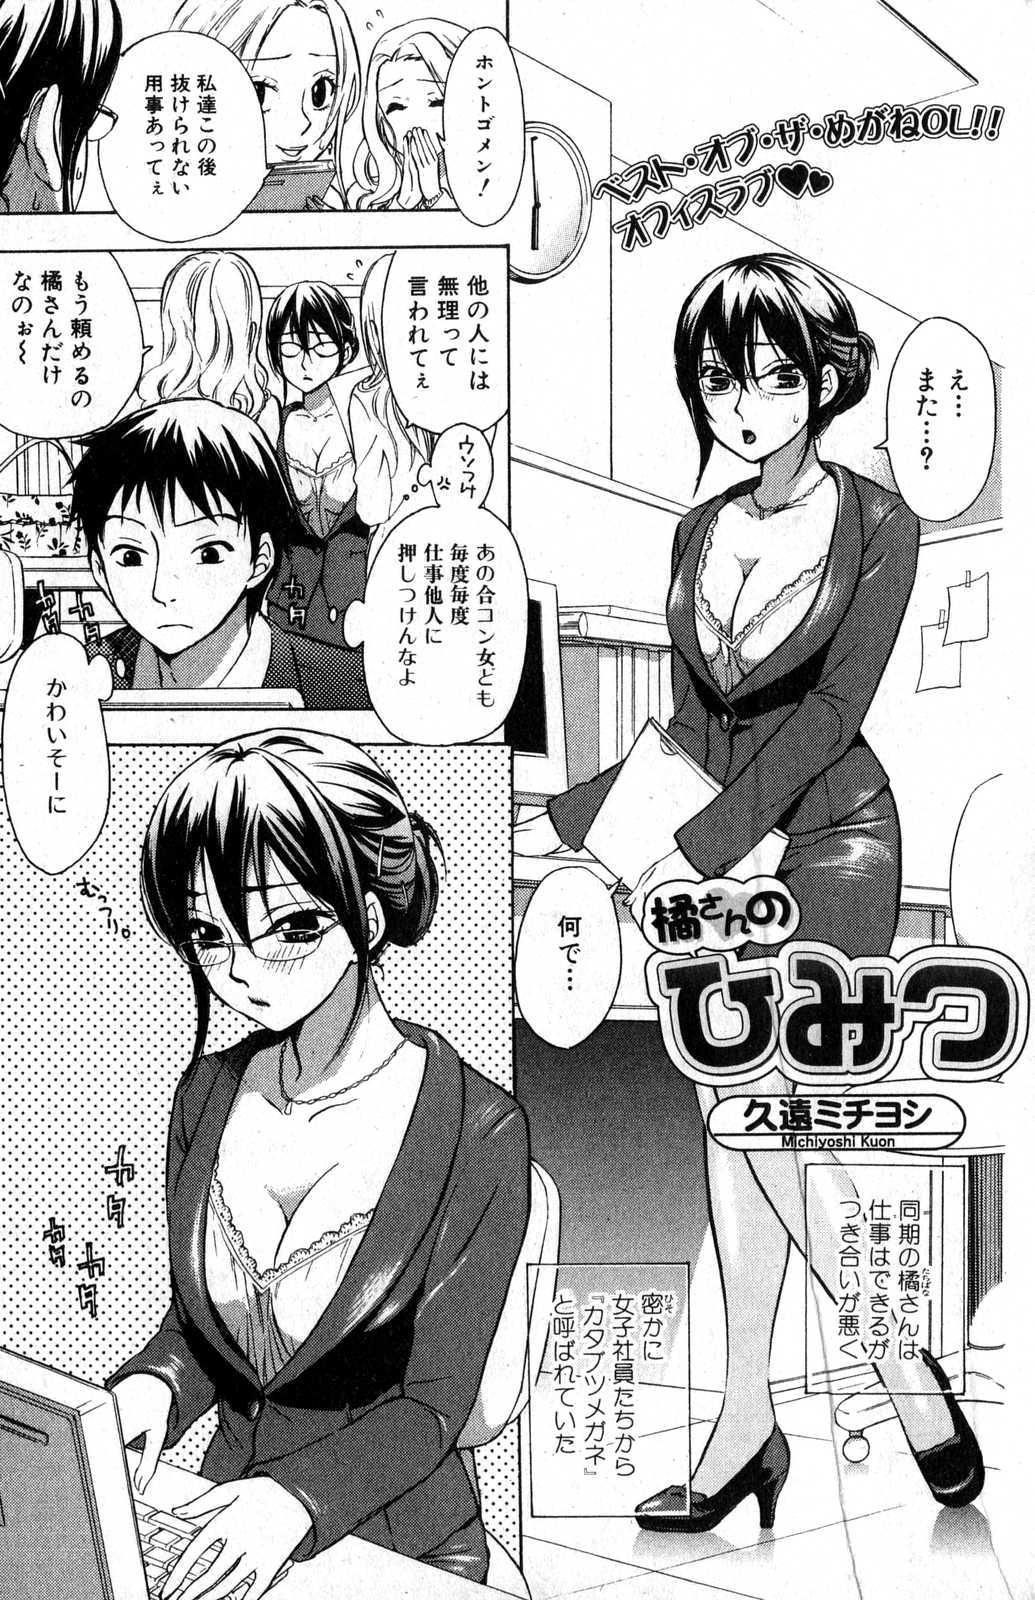 Bishoujo Teki Kaikatsu Ryoku 2007 Vol.15 82